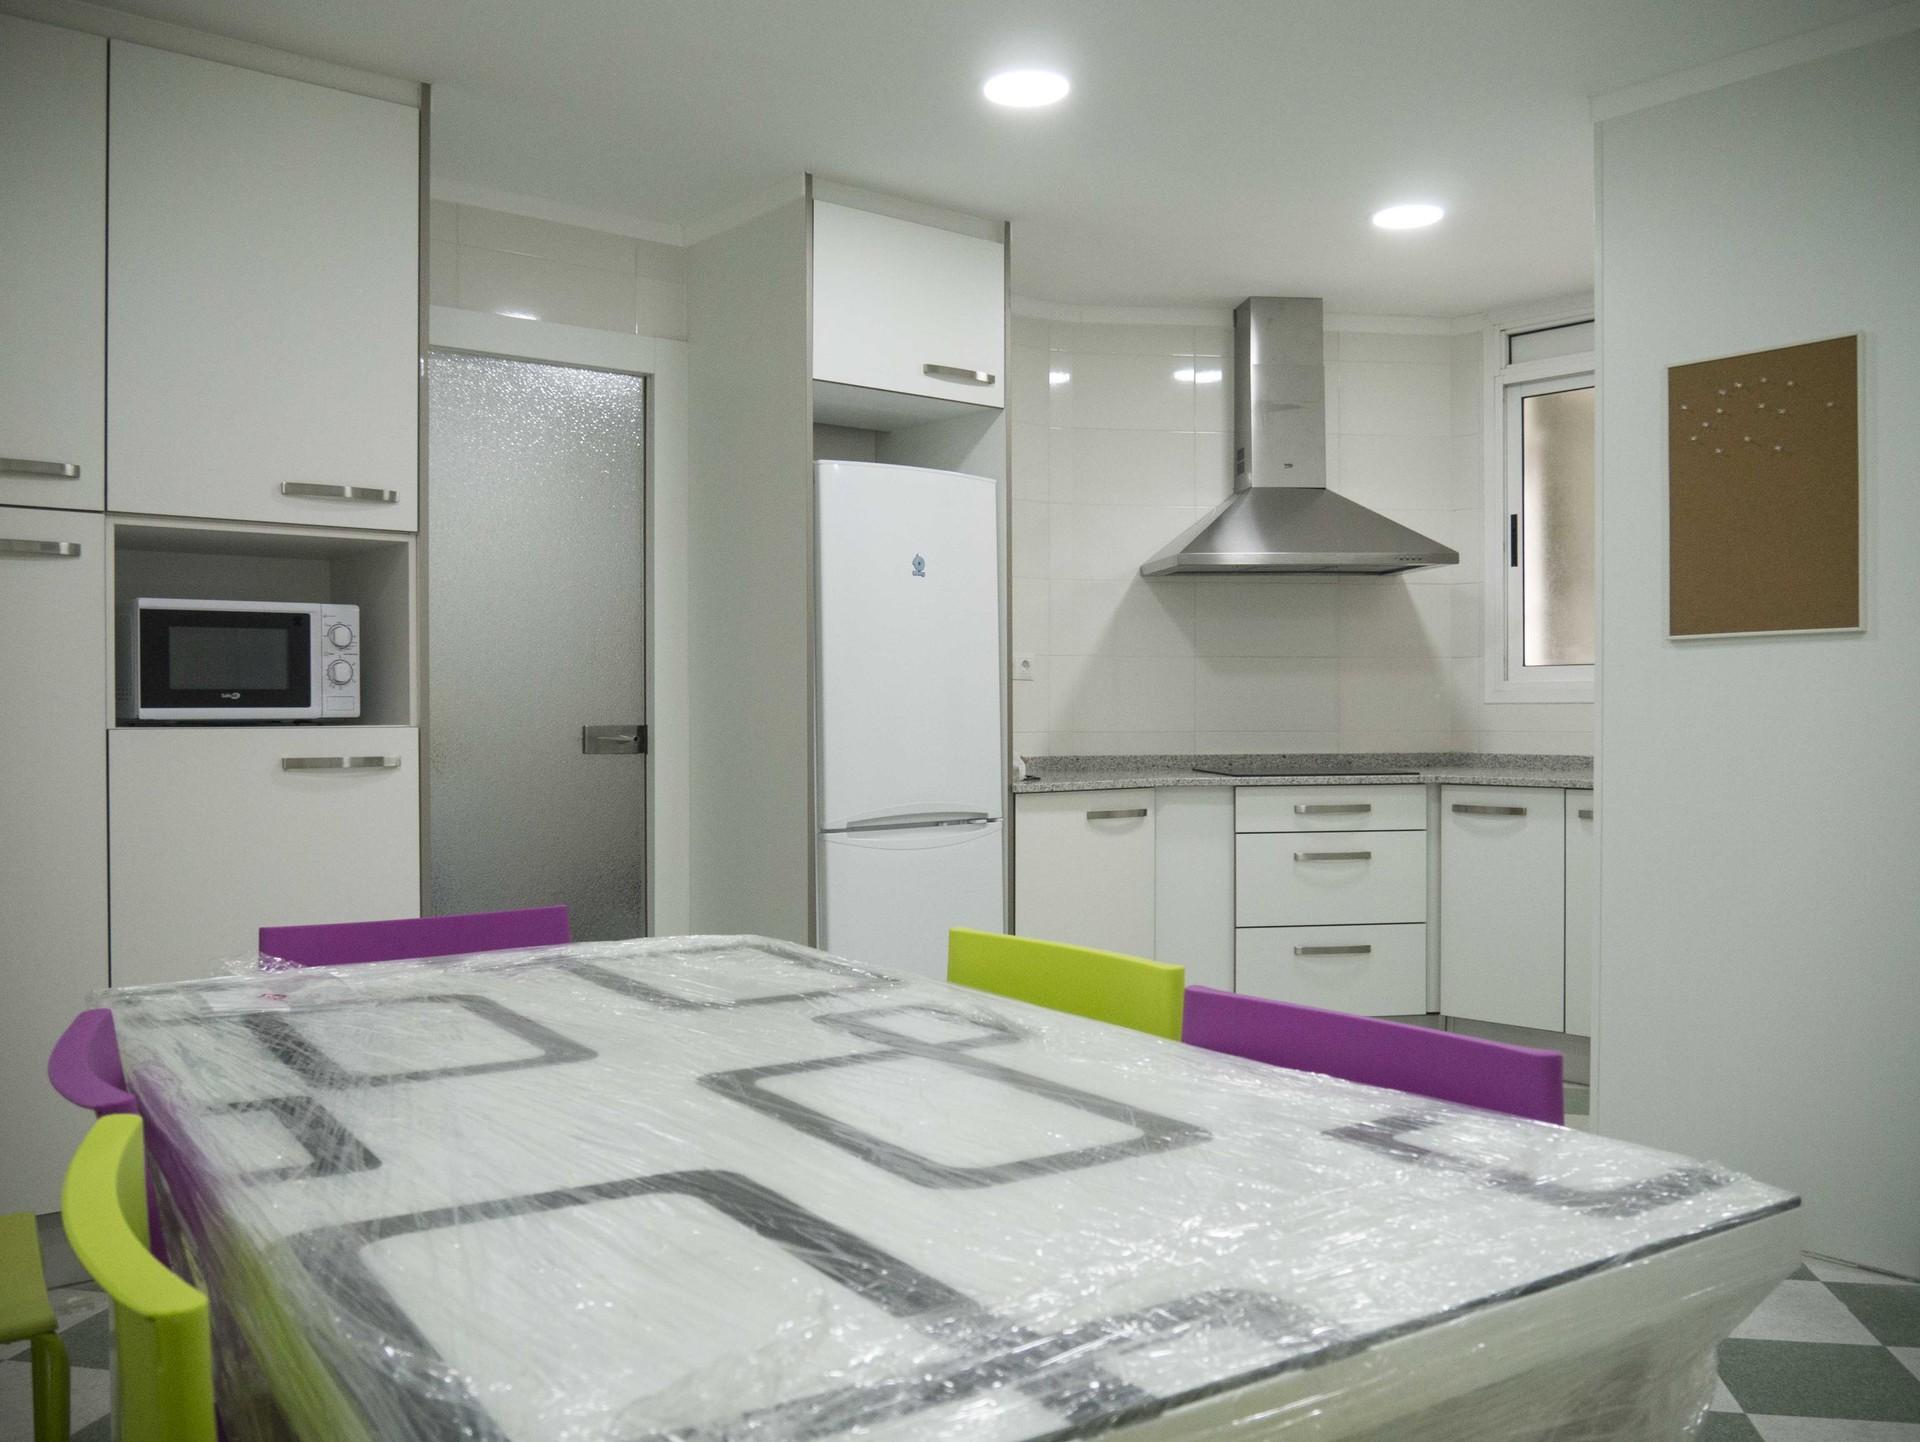 Habitaci n piso compartido en el centro de valencia for Alquiler de habitacion en piso compartido